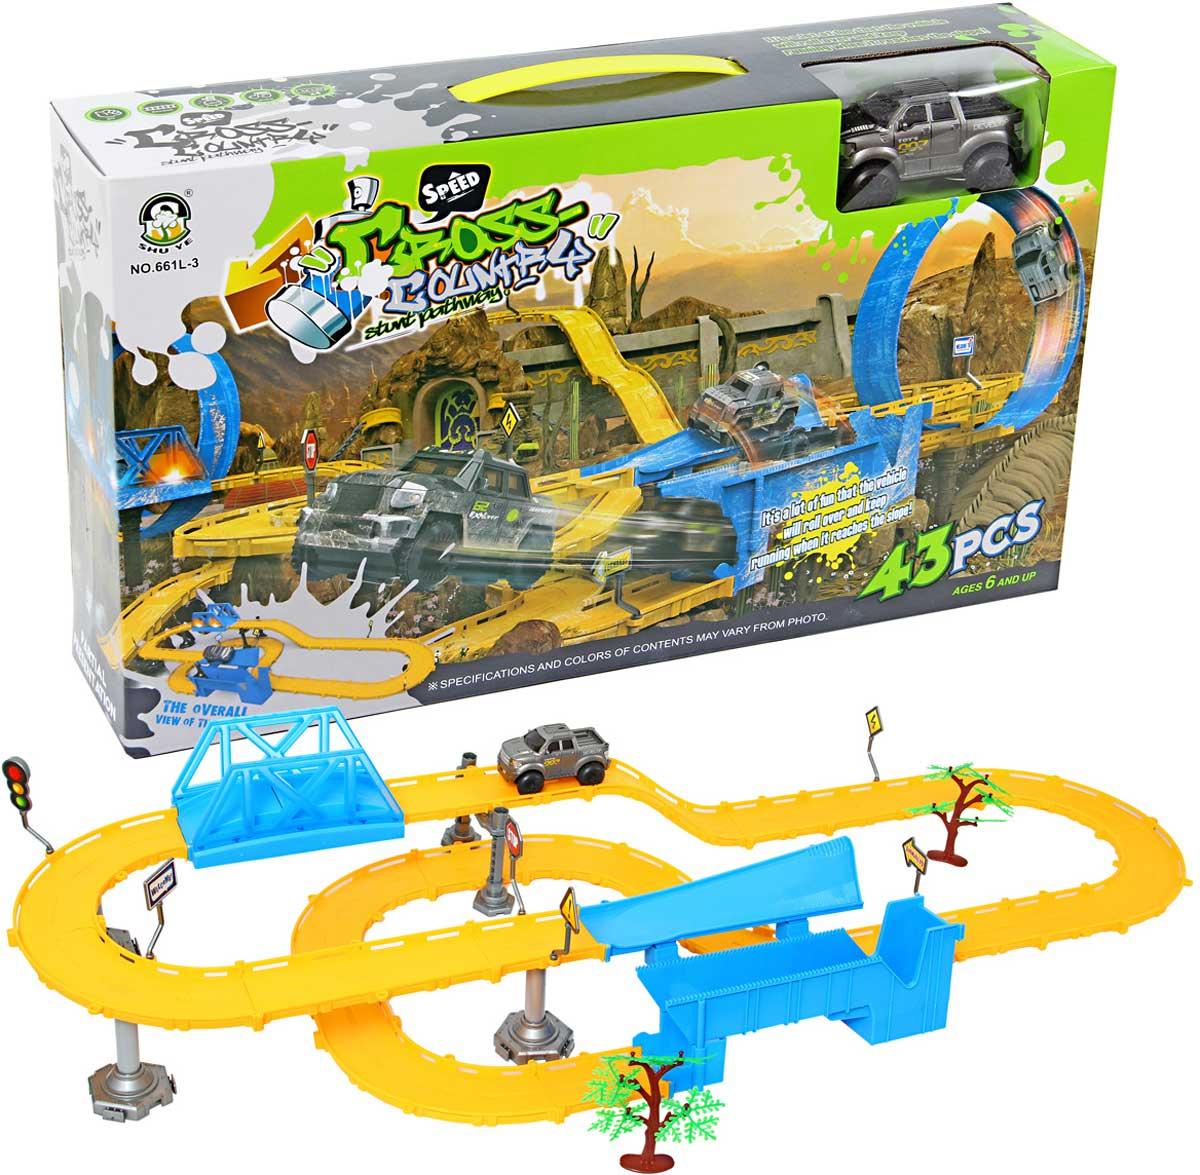 Veld-Co Трек цвет желтый голубой набор маленький трек с умной машинкой поли